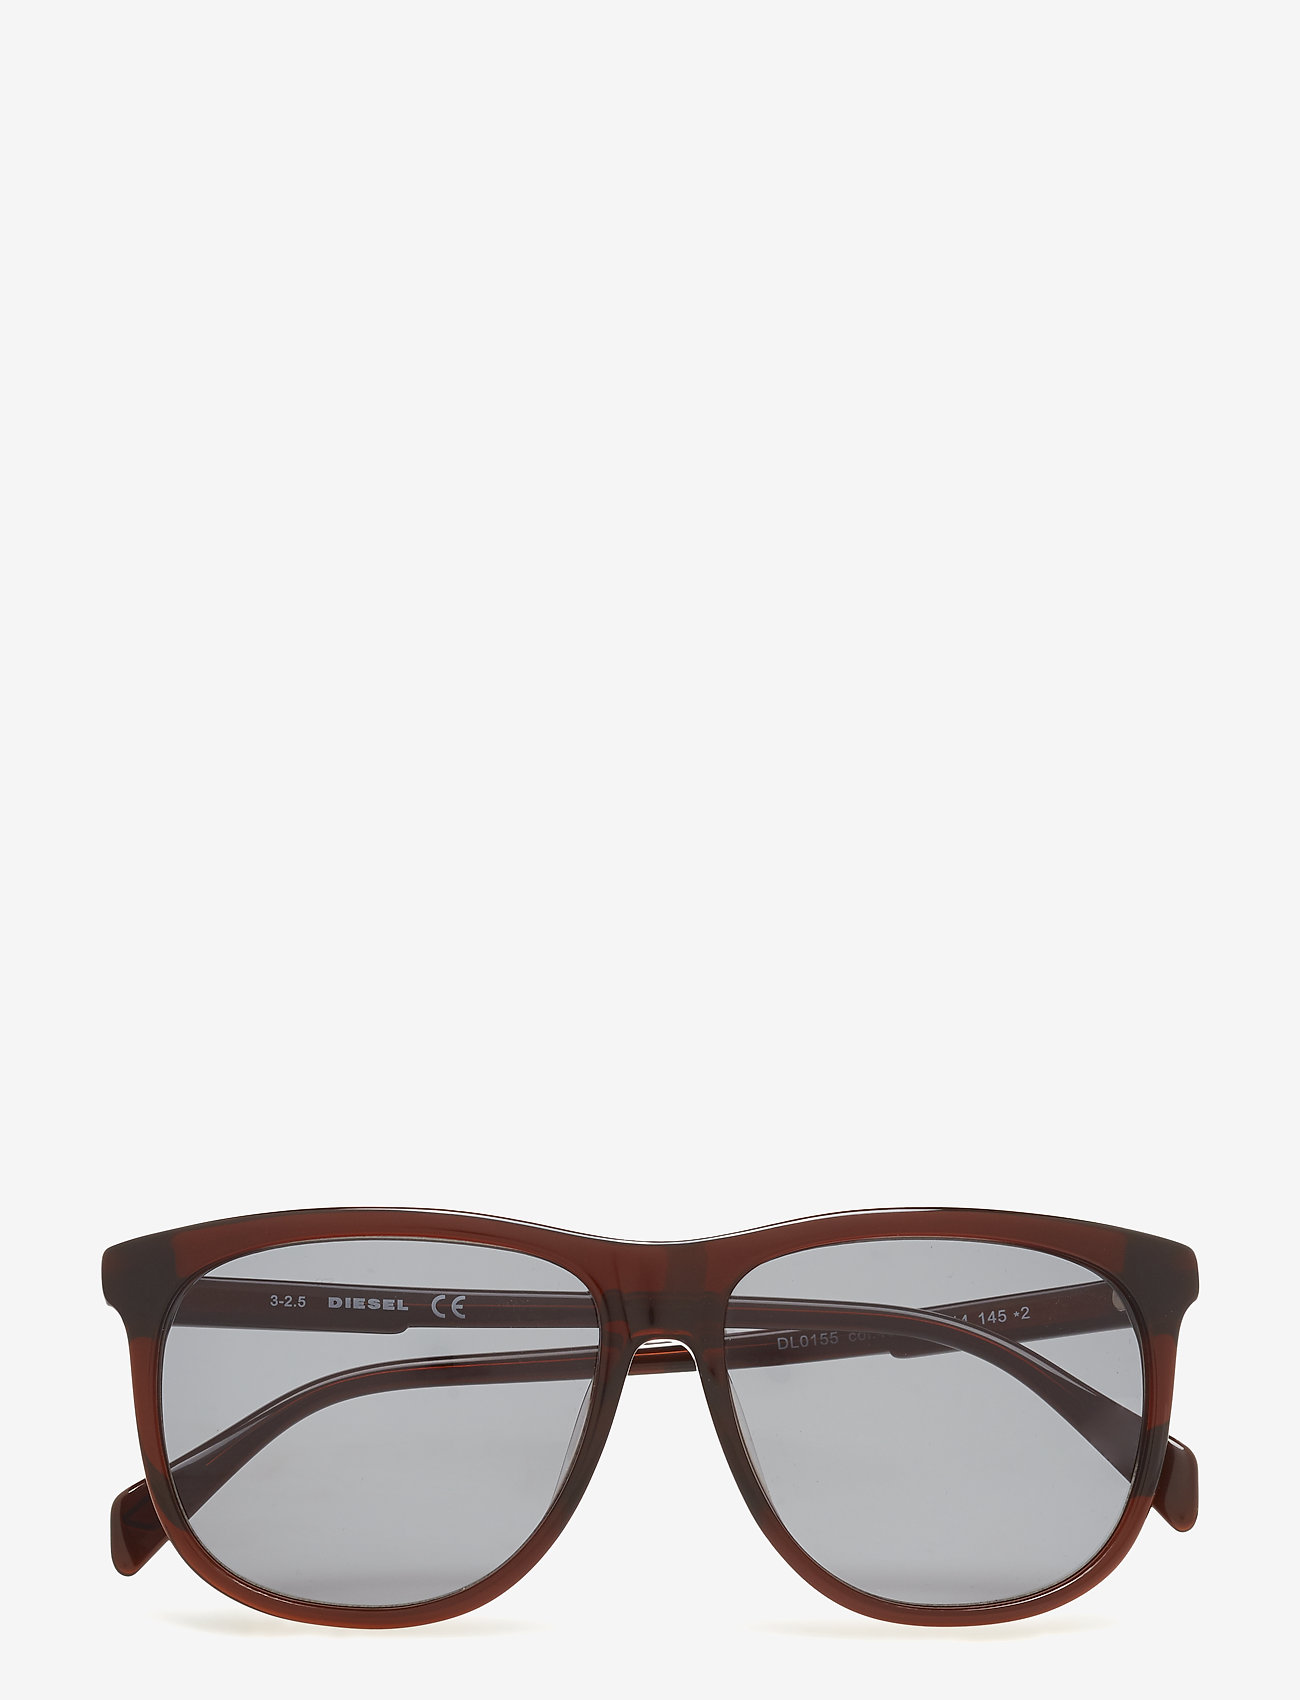 Diesel - DL0155 - okulary przeciwsłoneczne w kształcie litery d - 48n - shiny dark brown / green - 0